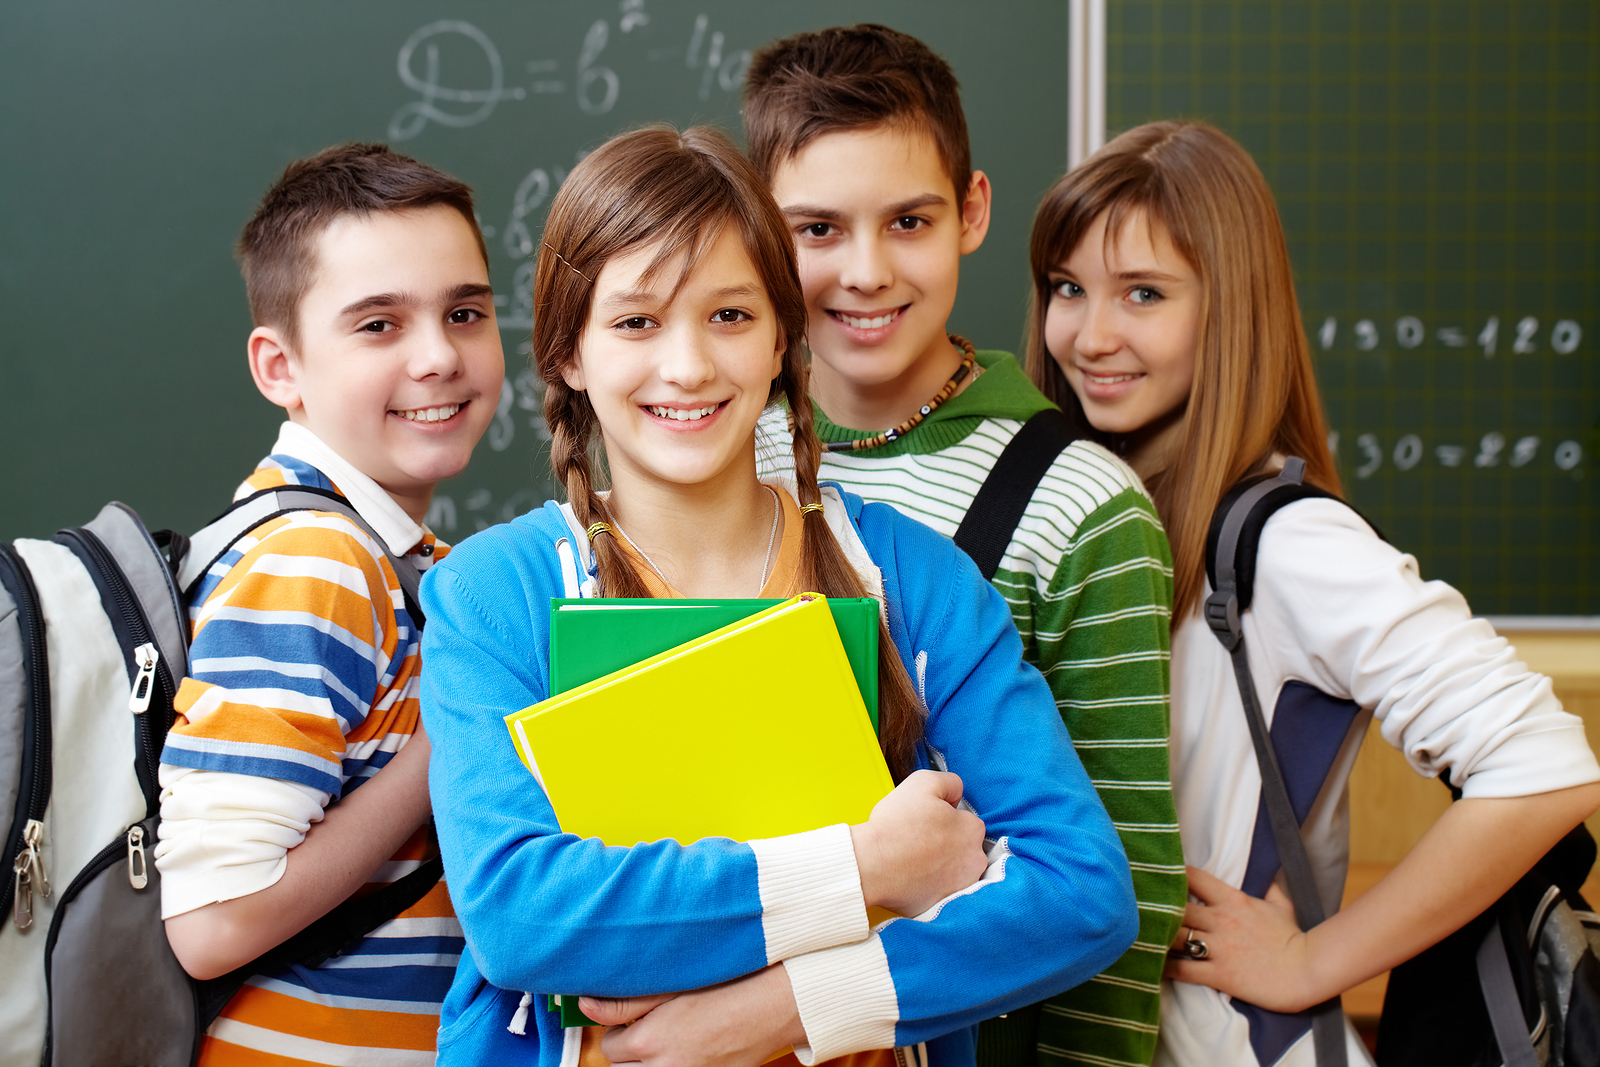 Що впливає на успішність у навчанні